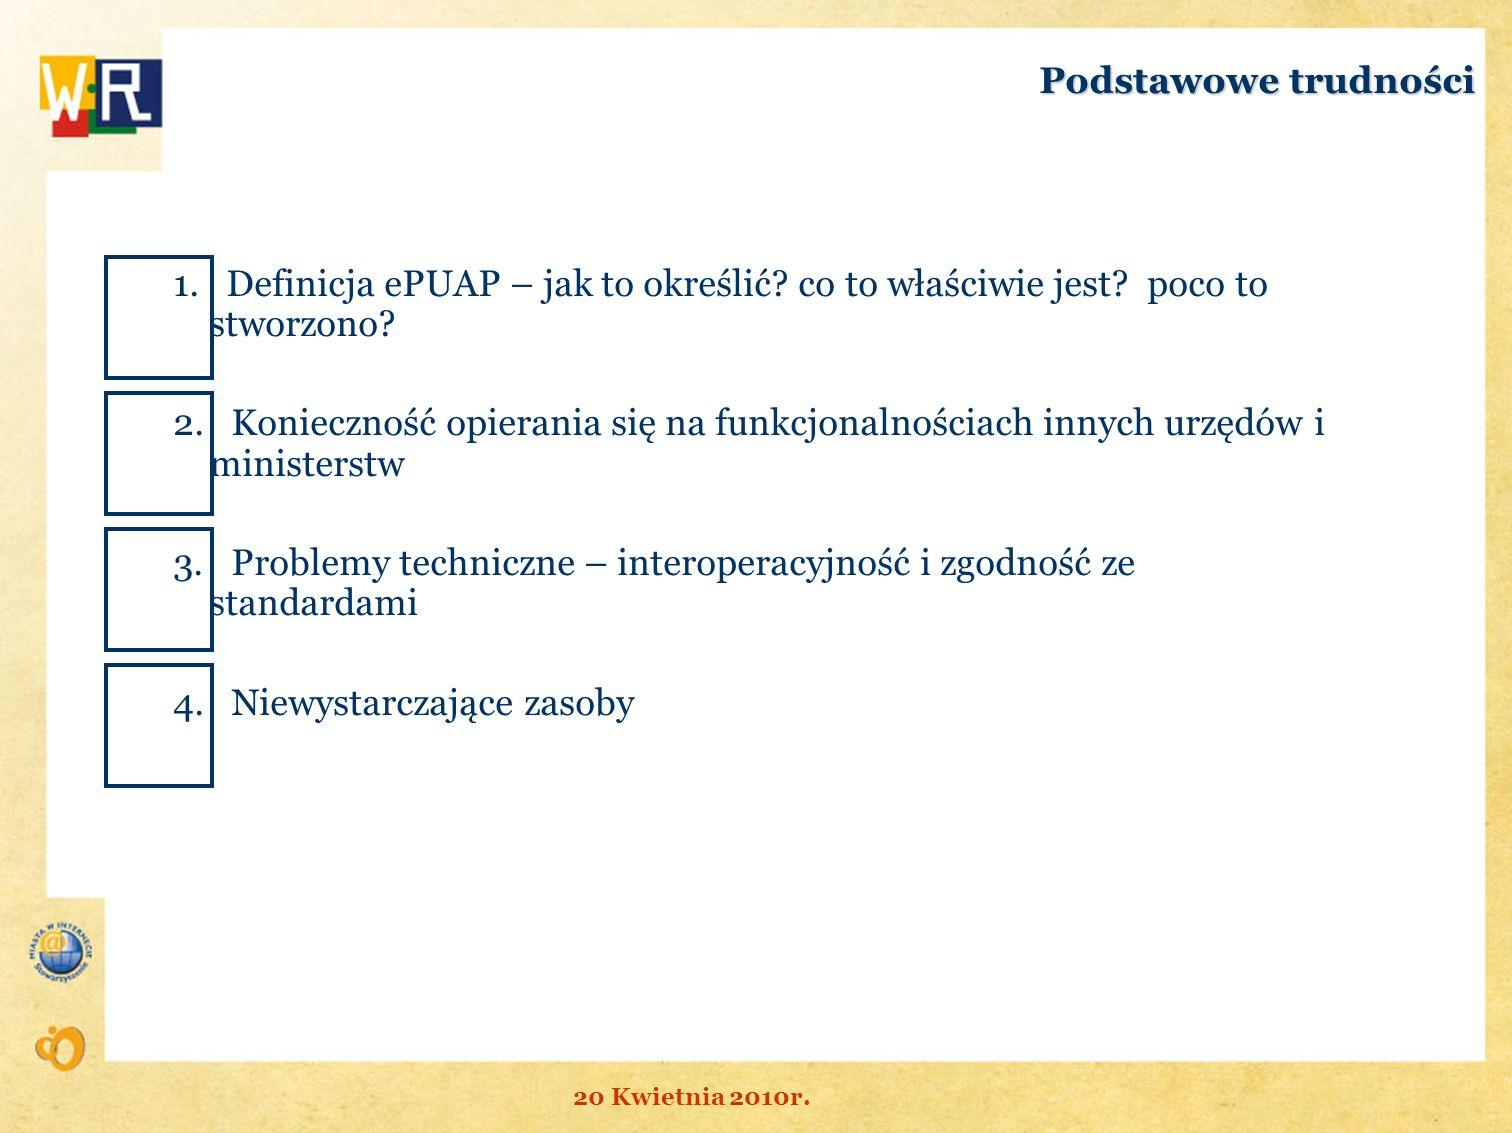 3. Problemy techniczne – interoperacyjność i zgodność ze standardami